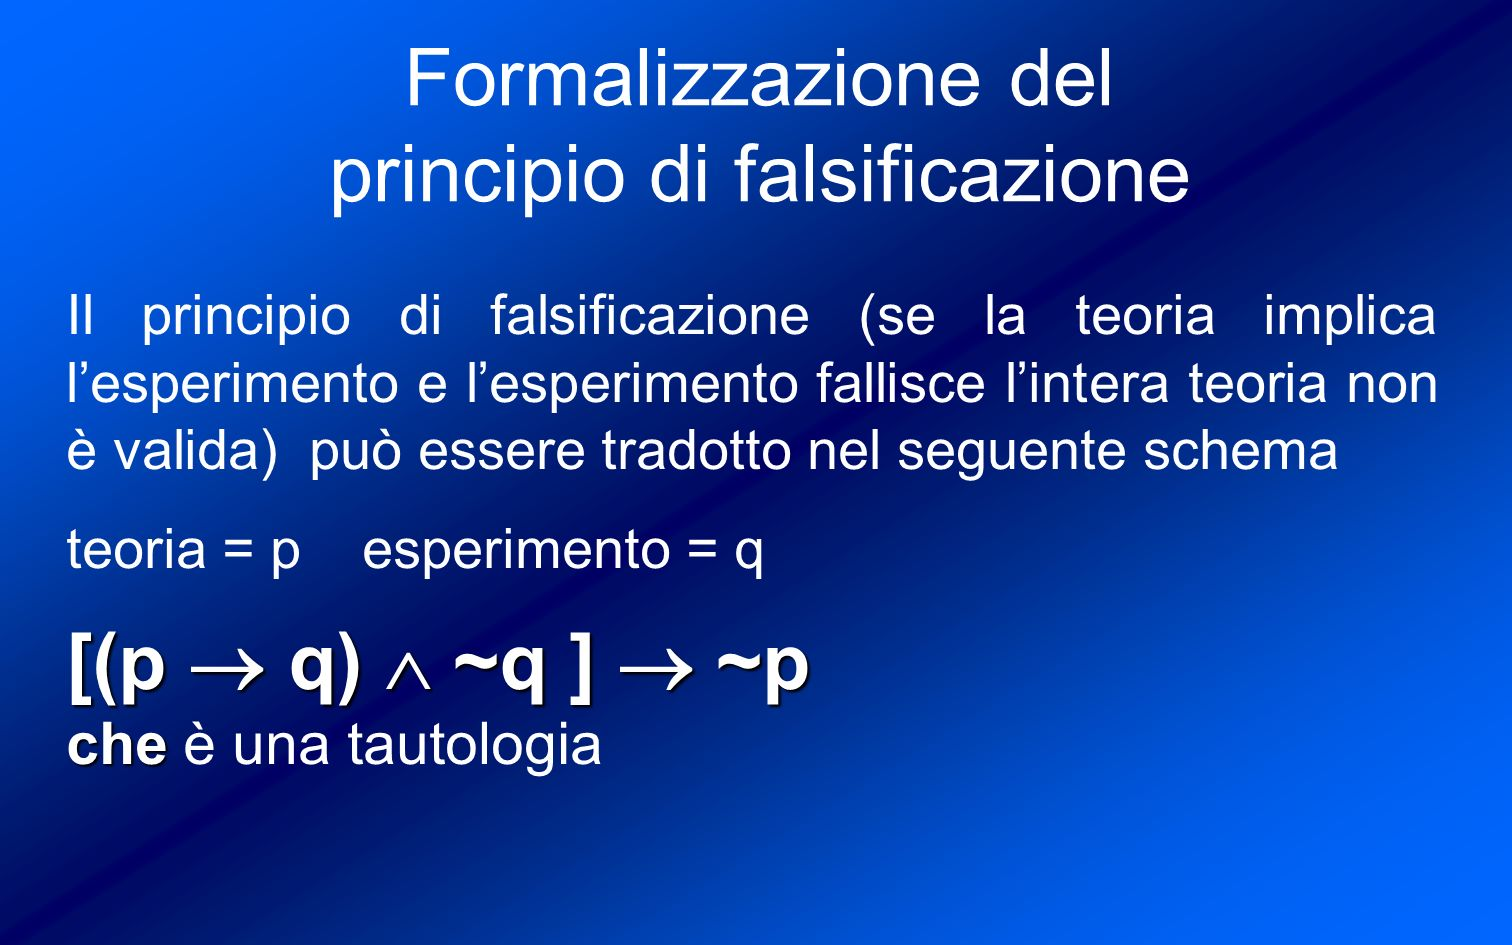 Formalizzazione del principio di falsificazione